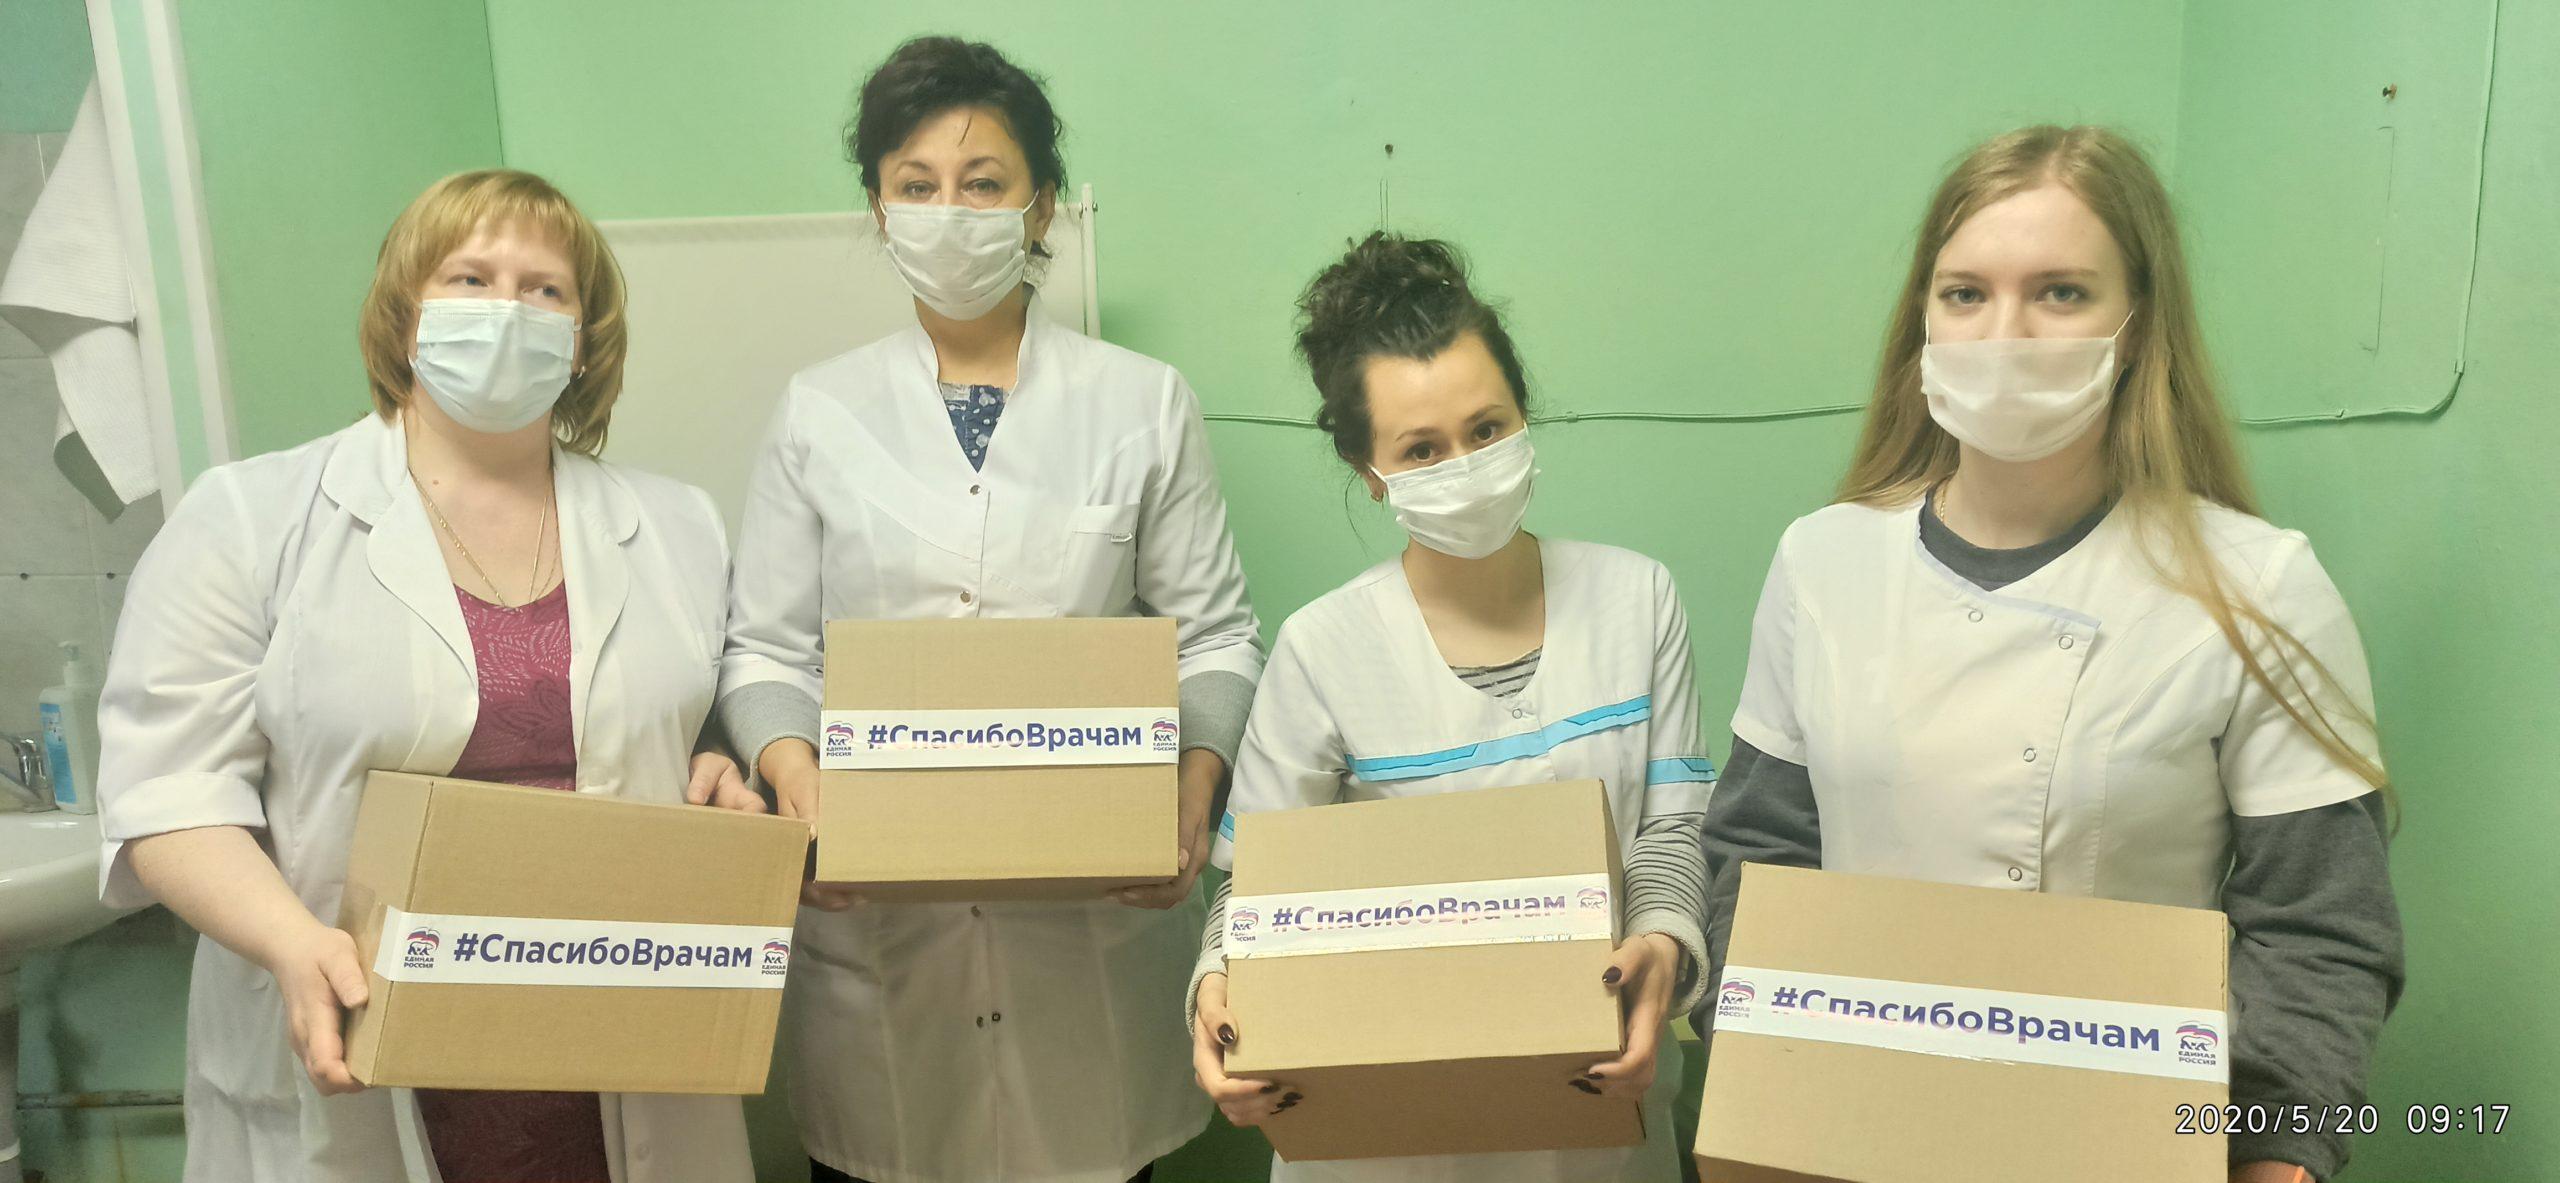 Тверские волонтеры продолжают акцию #СпасибоВрачам